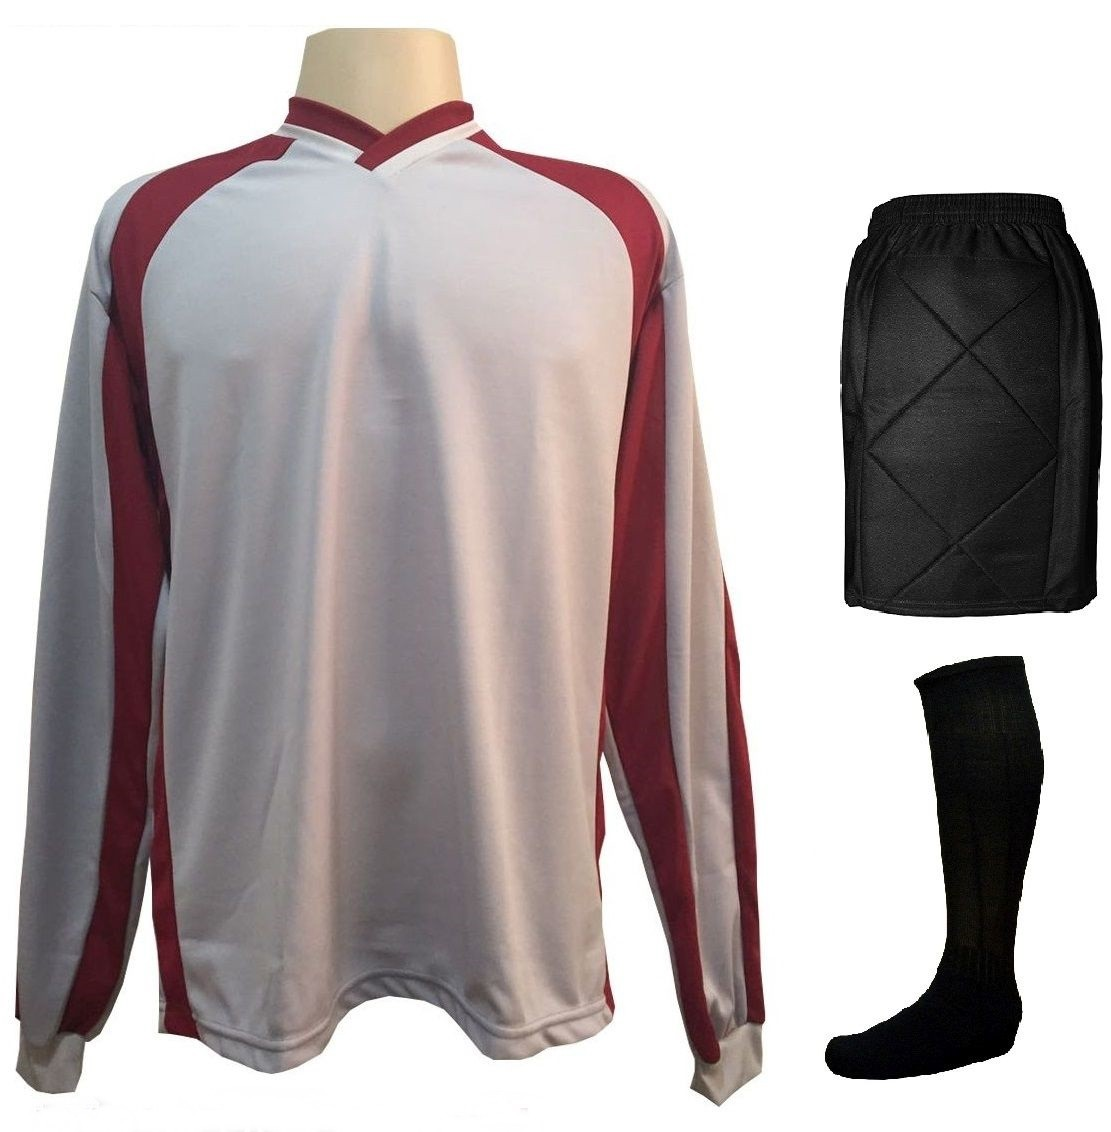 Uniforme Esportivo Completo modelo Palermo 14+1 (14 camisas Branco/Royal + 14 calções Madrid Branco + 14 pares de meiões Royal + 1 conjunto de goleiro) + Brindes